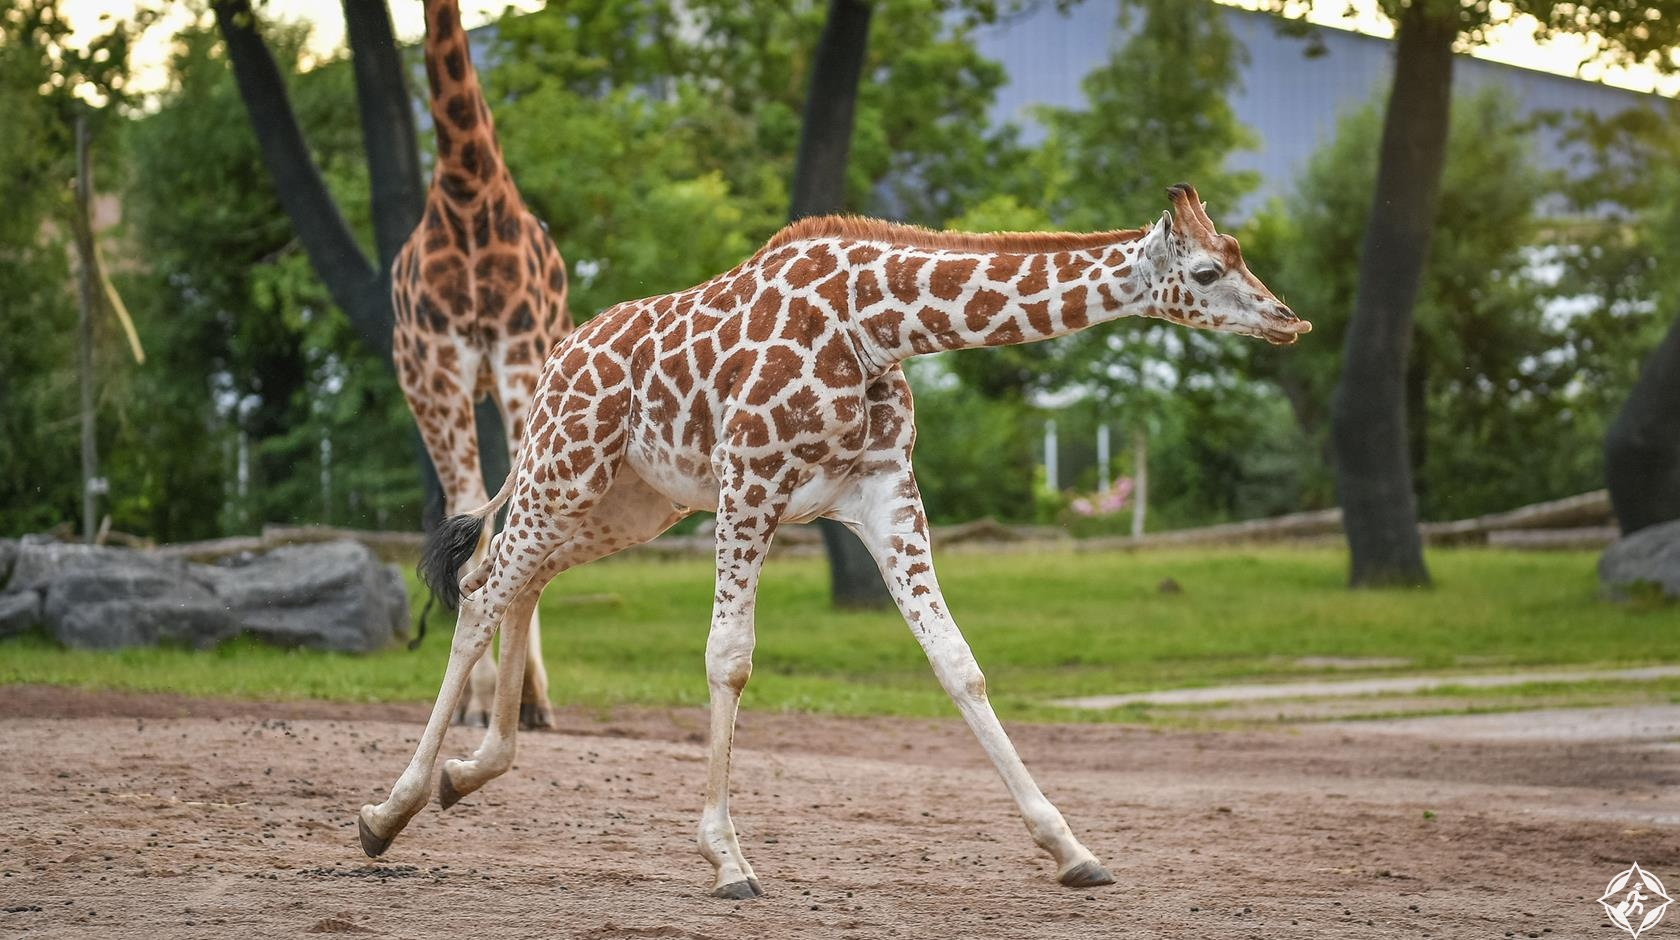 حديقة حيوان تشيستر - المملكة المتحدة - تشيستر